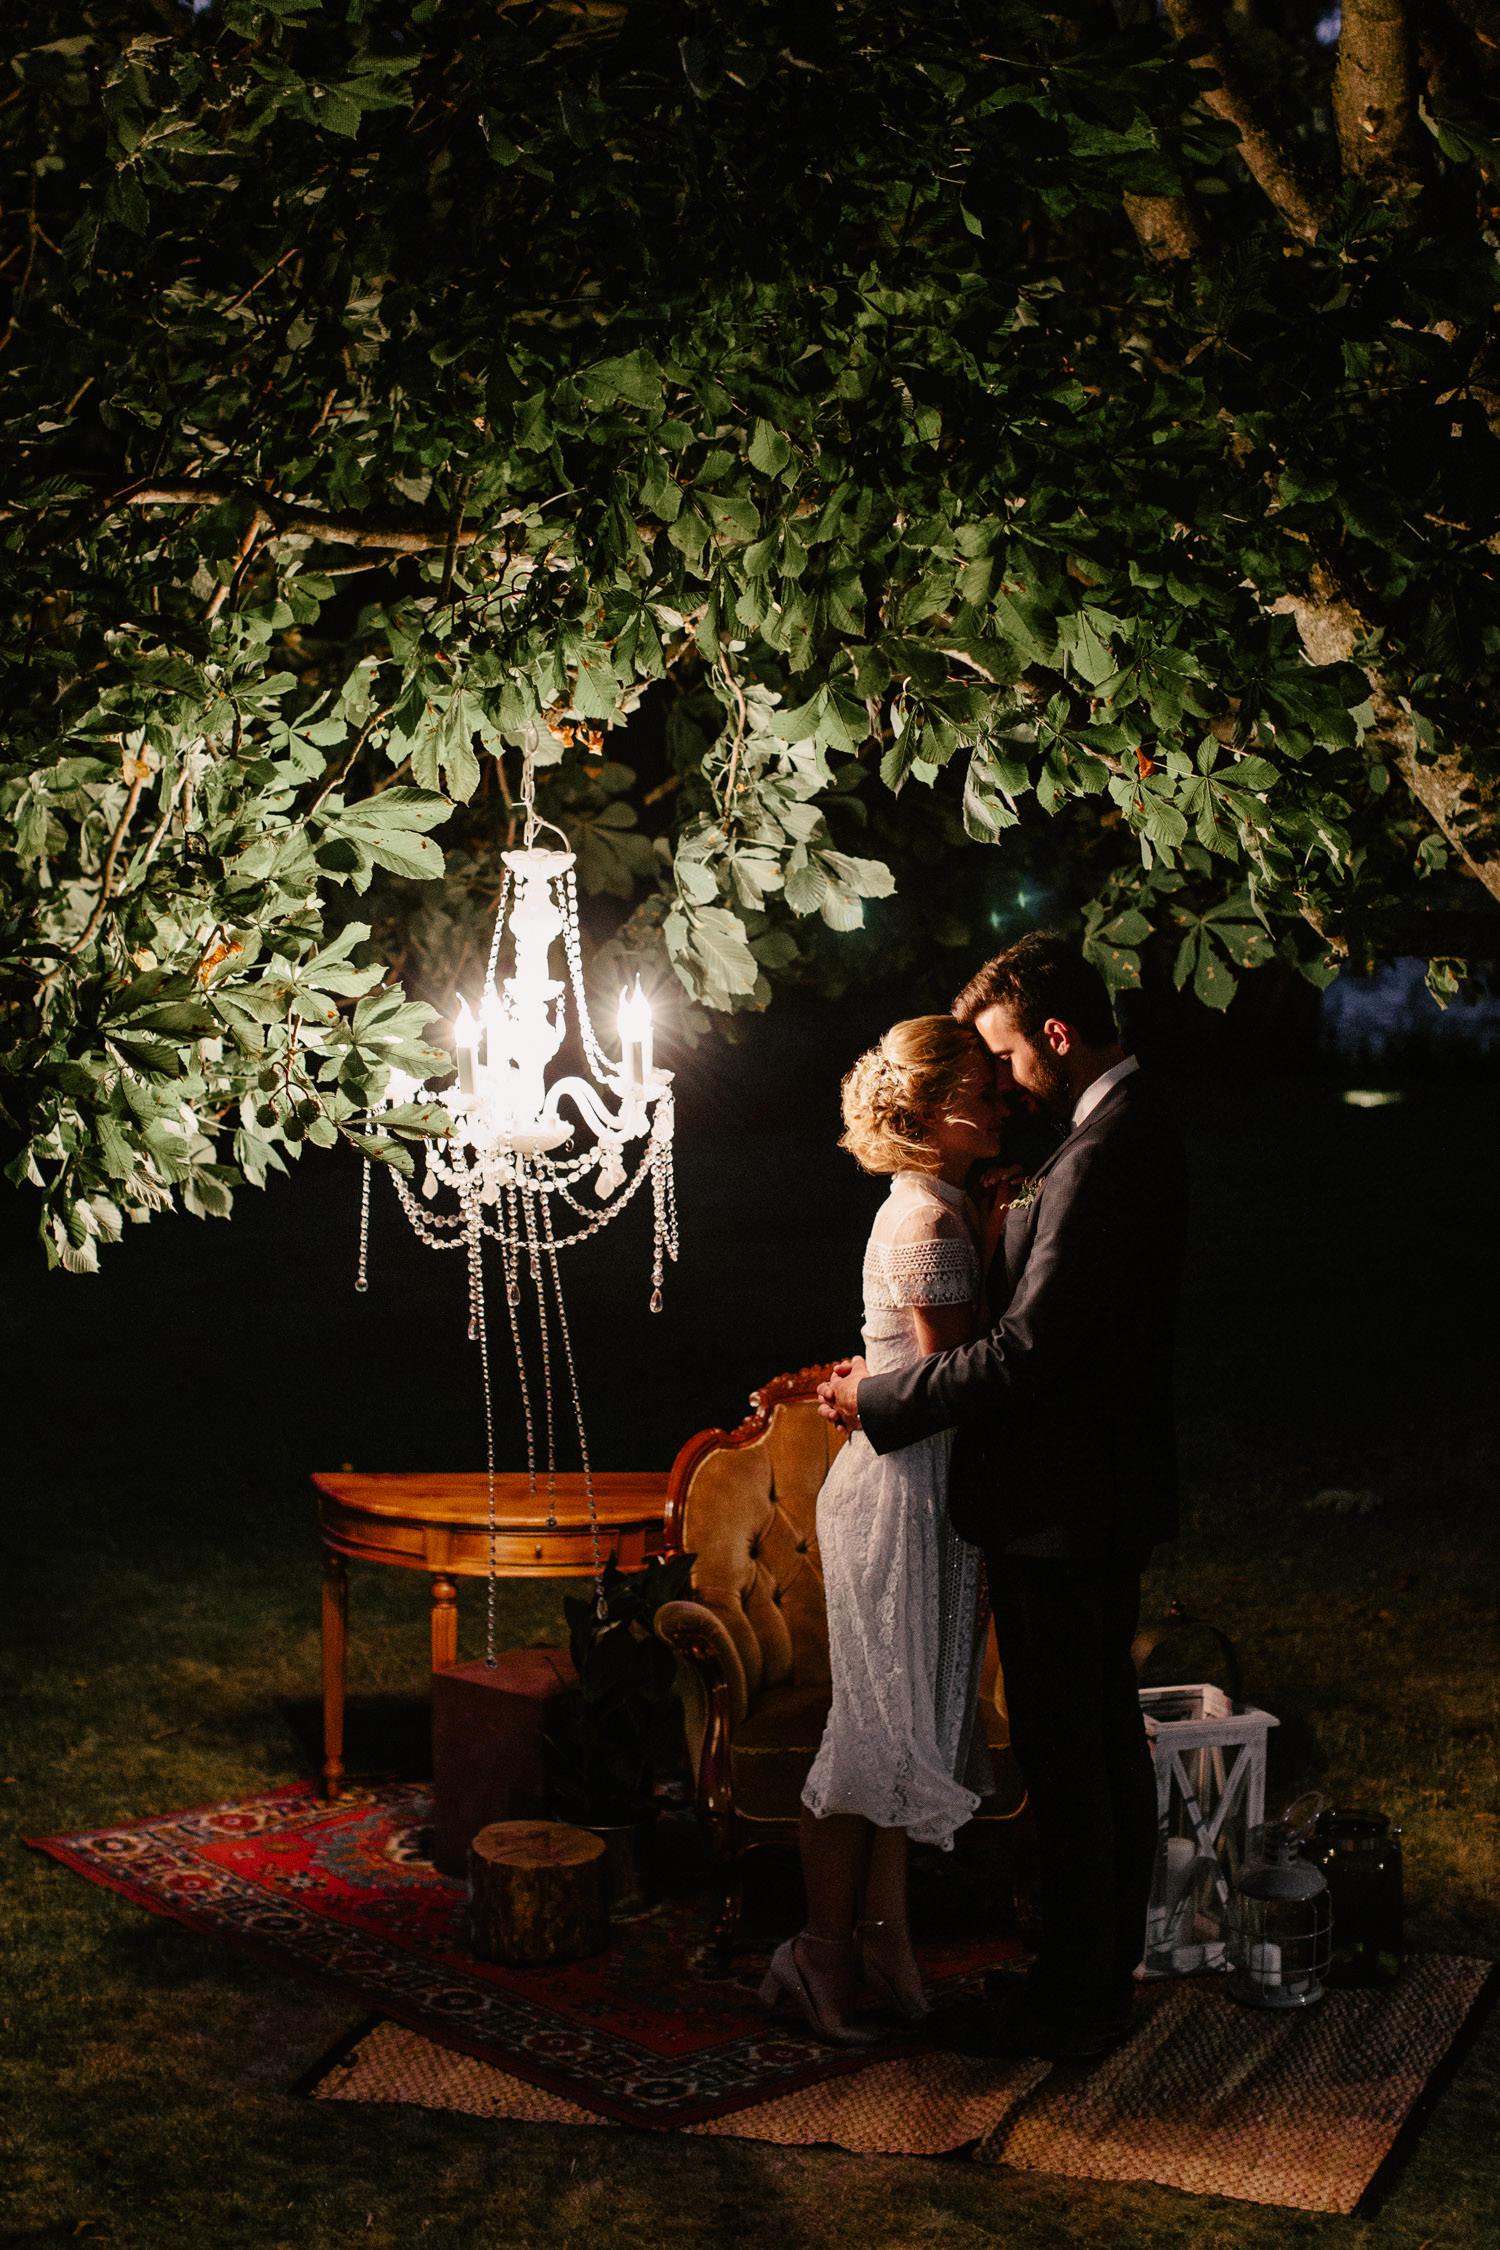 zoltners kāzas